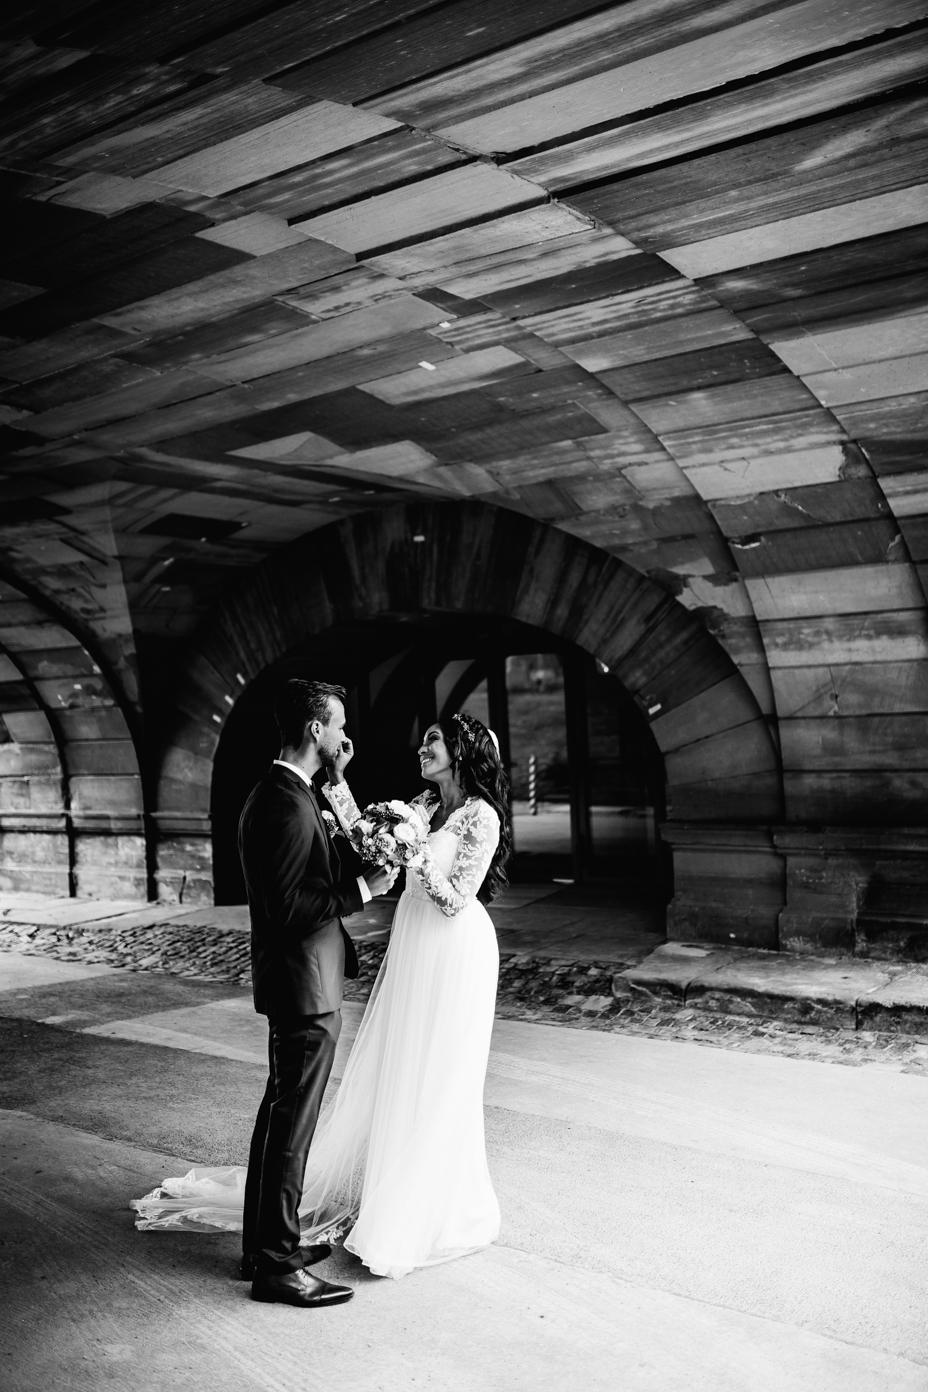 Hochzeitsfotograf-Kassel-Orangerie-Inka Englisch Photography-Hochzeitsreportage-Aue-Wedding-Photographer-Lifestyle-Storytelling-47